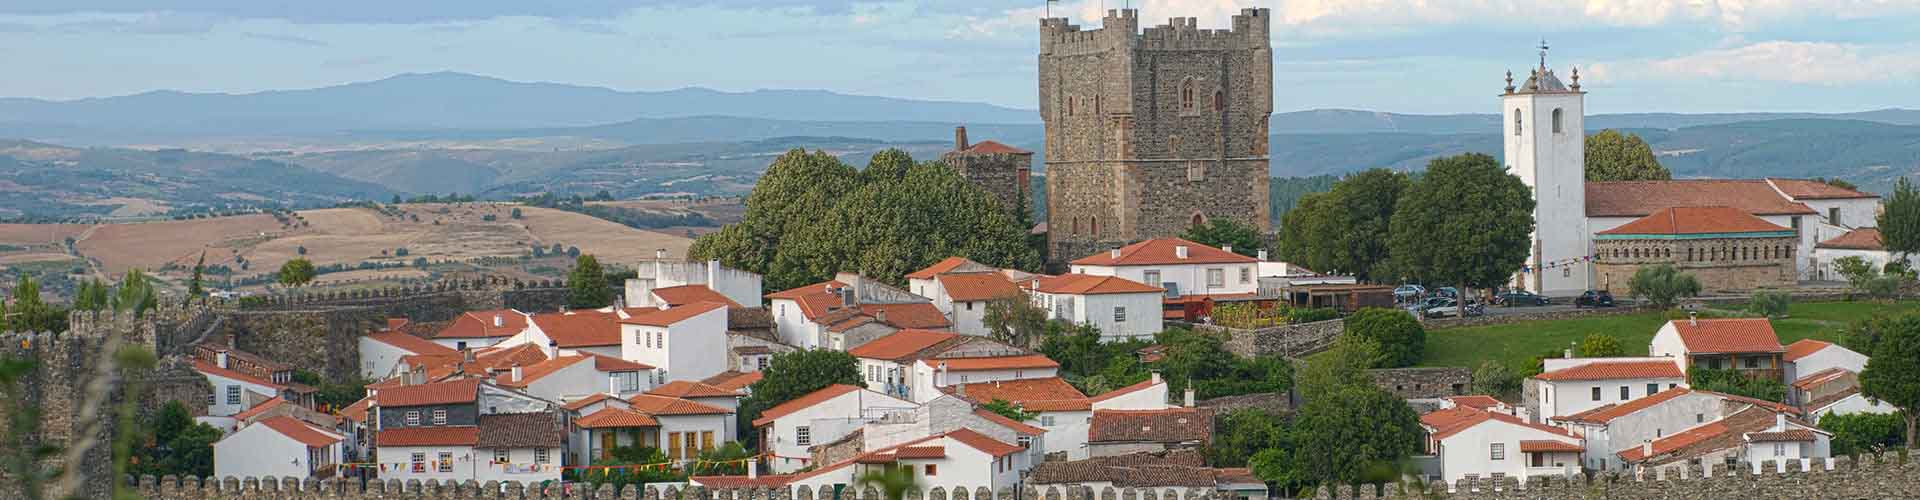 Bragança - Campamentos en Bragança. Mapas de Bragança, Fotos y comentarios de cada Campamento en Bragança.